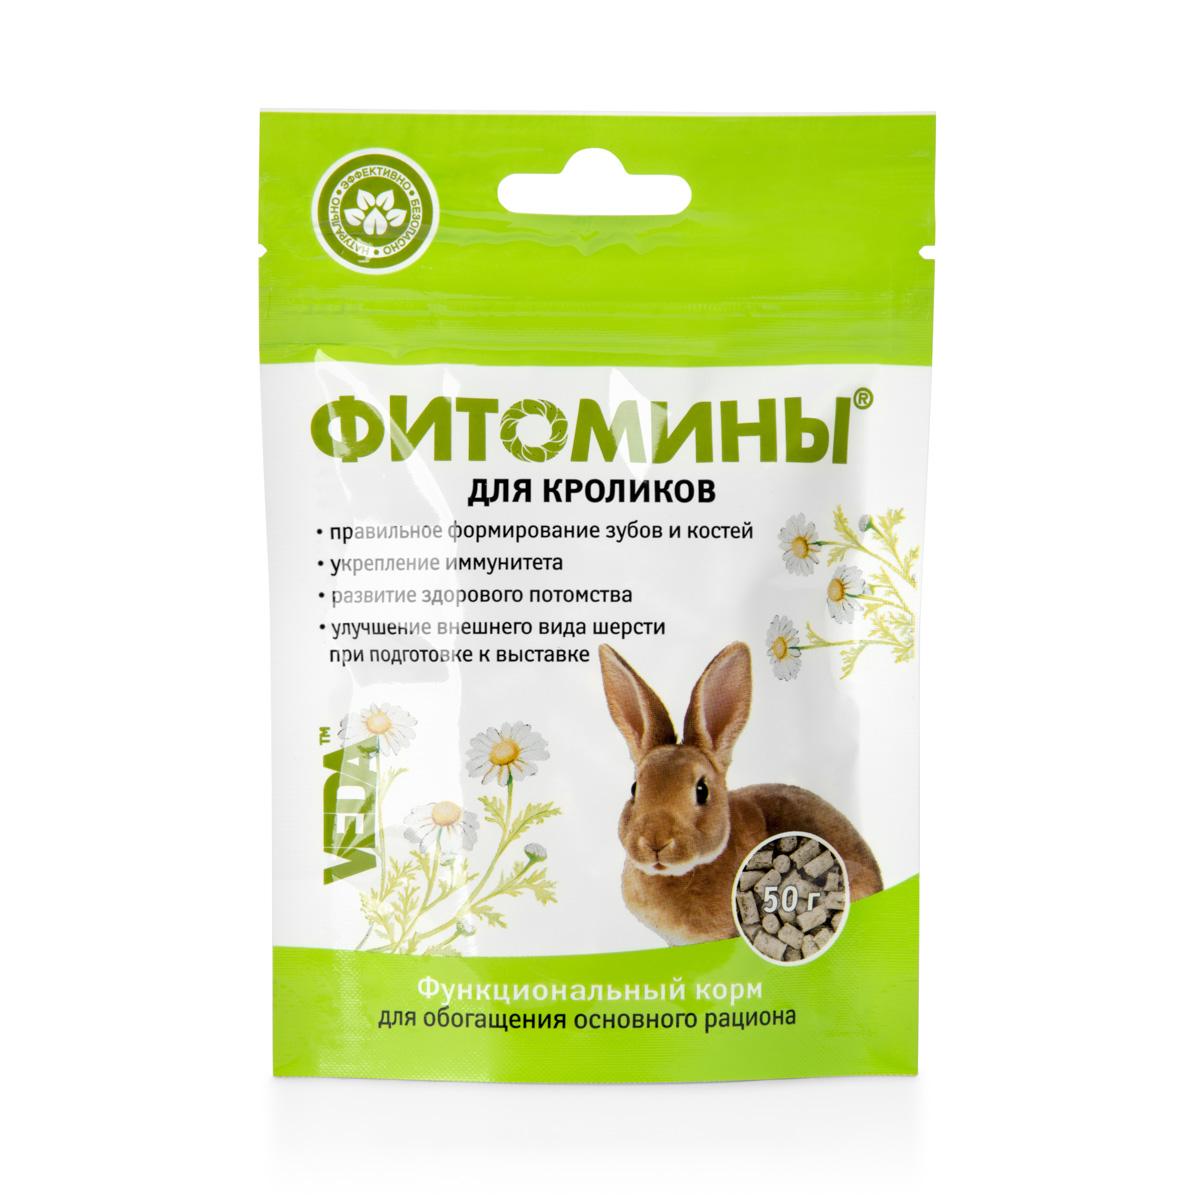 Фитомины функциональный корм для кроликов, 50г4605543006197Для полноценного здоровья и прекрасного внешнего вида грызунов и кроликов - способствует успешному восстановлению после травм и заболеваний, - улучшает внешний вид шерсти перед выставками, - укрепляет зубы, - способствует рождению здорового потомства.